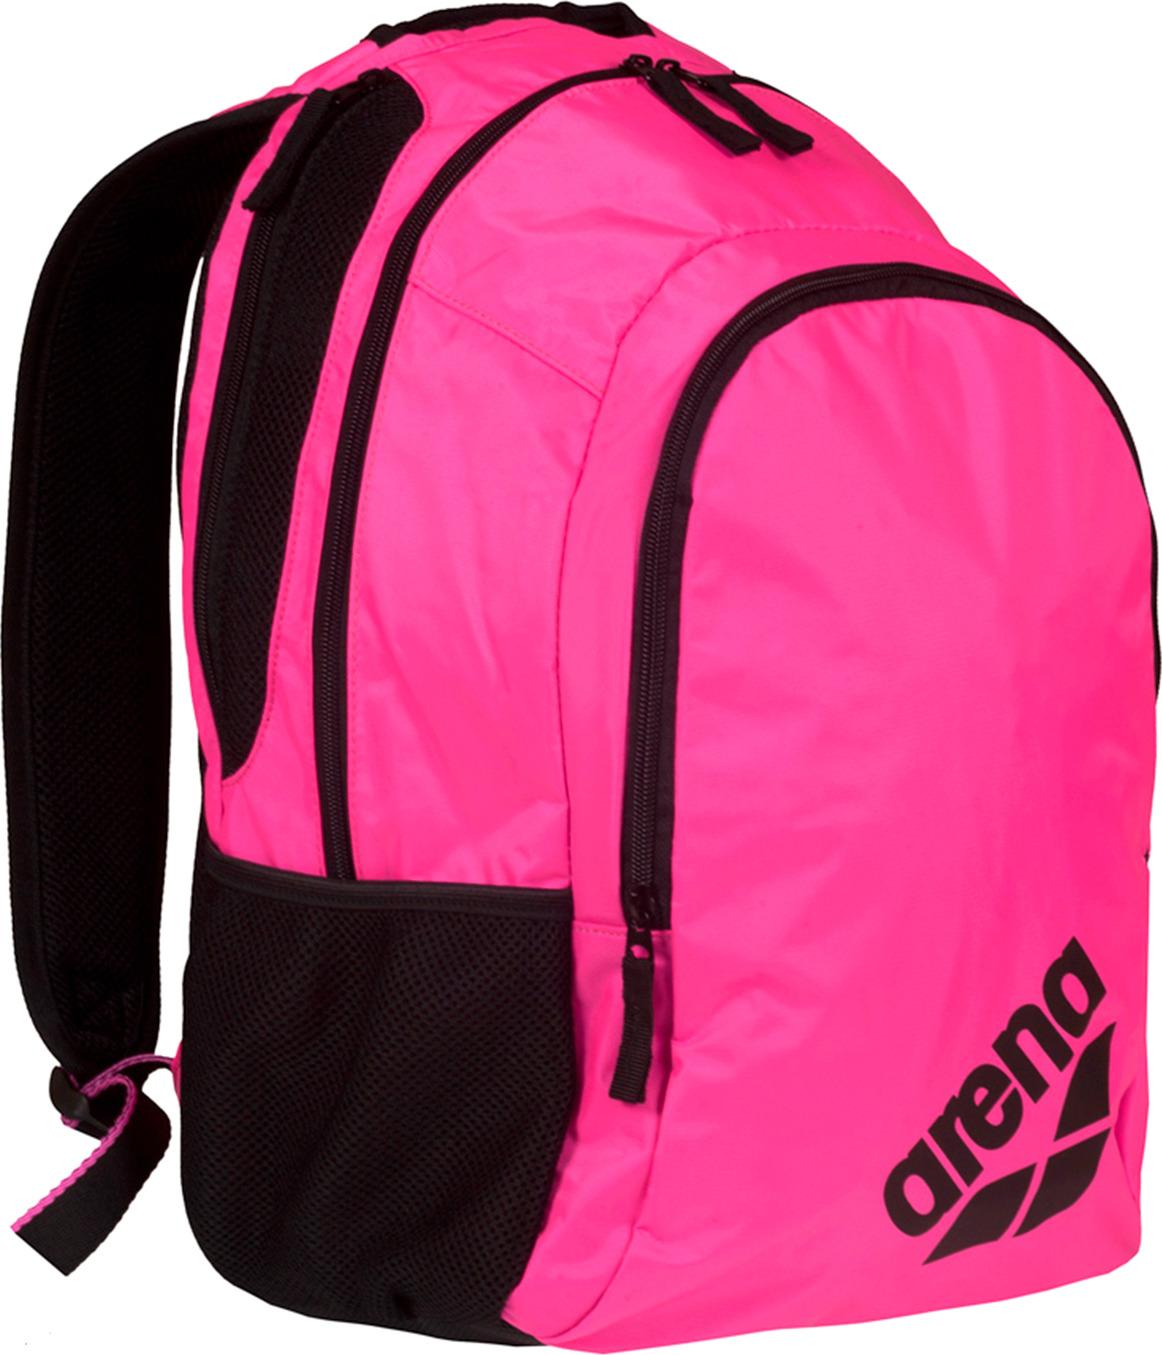 Рюкзак спортивный Arena Spiky 2, цвет: розовый, черный, 30 л. 1E005 59